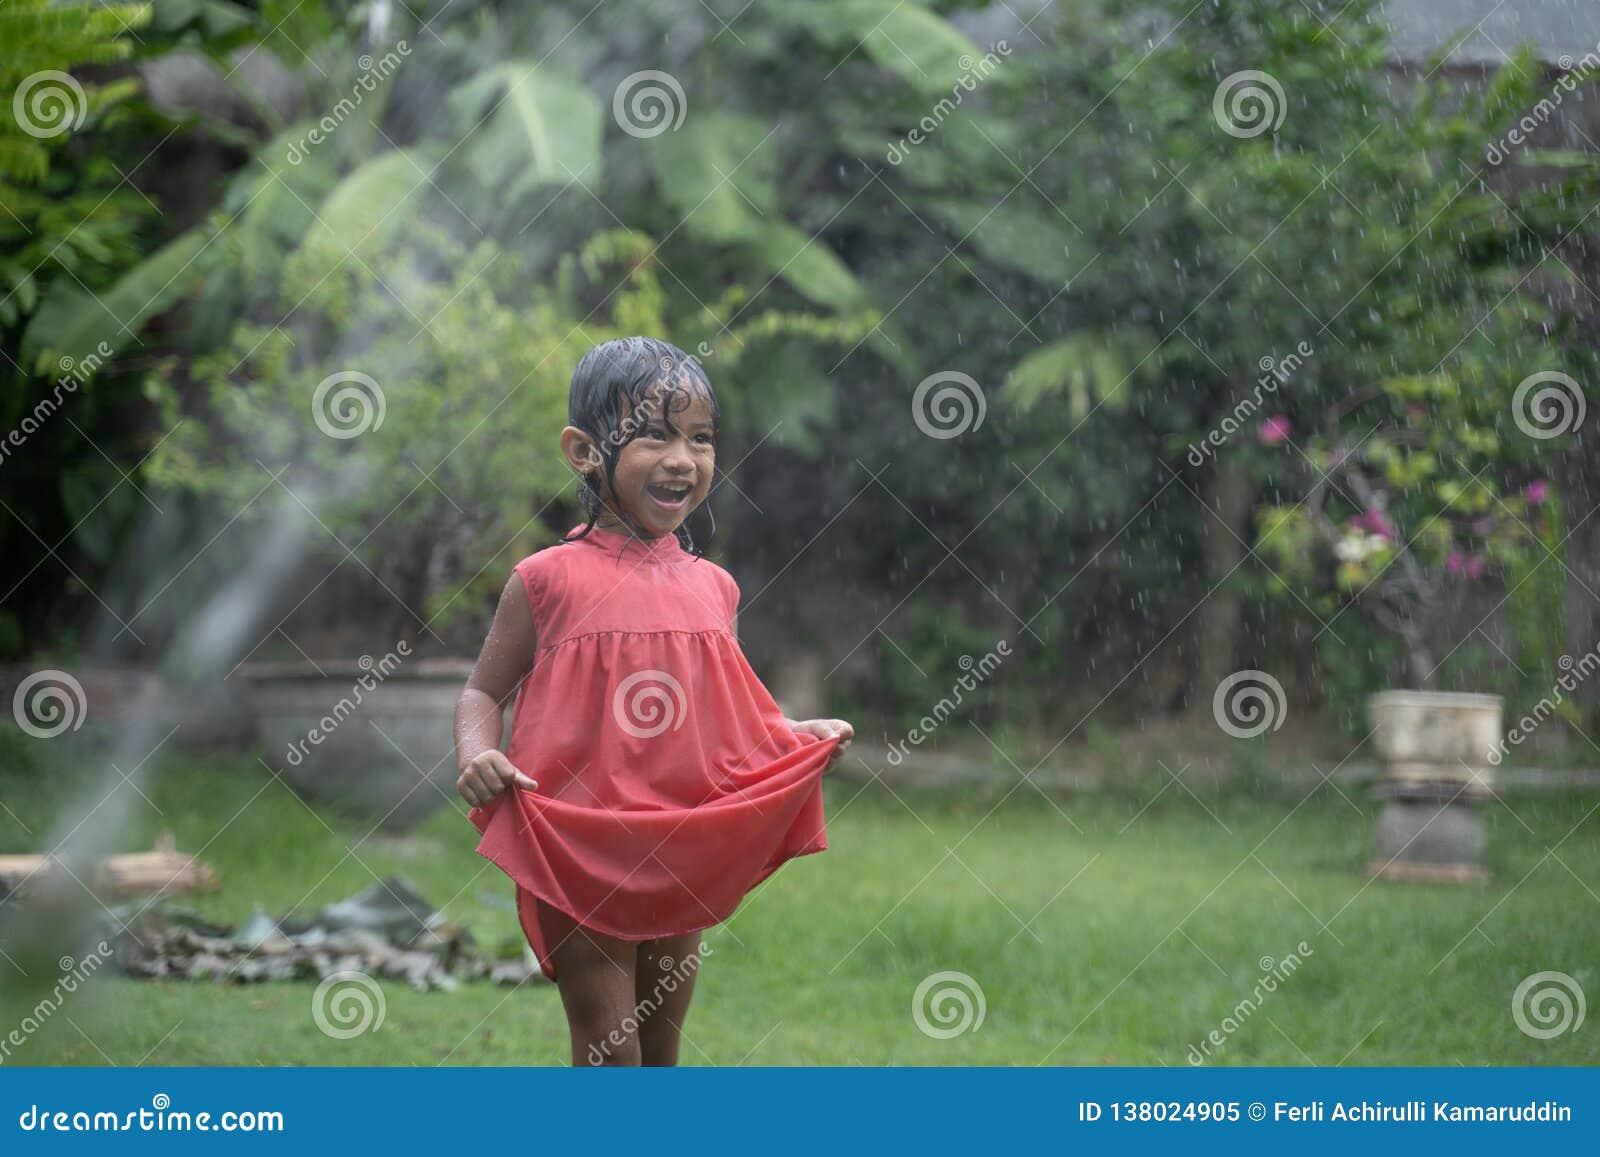 Bambino che gode del gioco con la spruzzata dell acqua in giardino